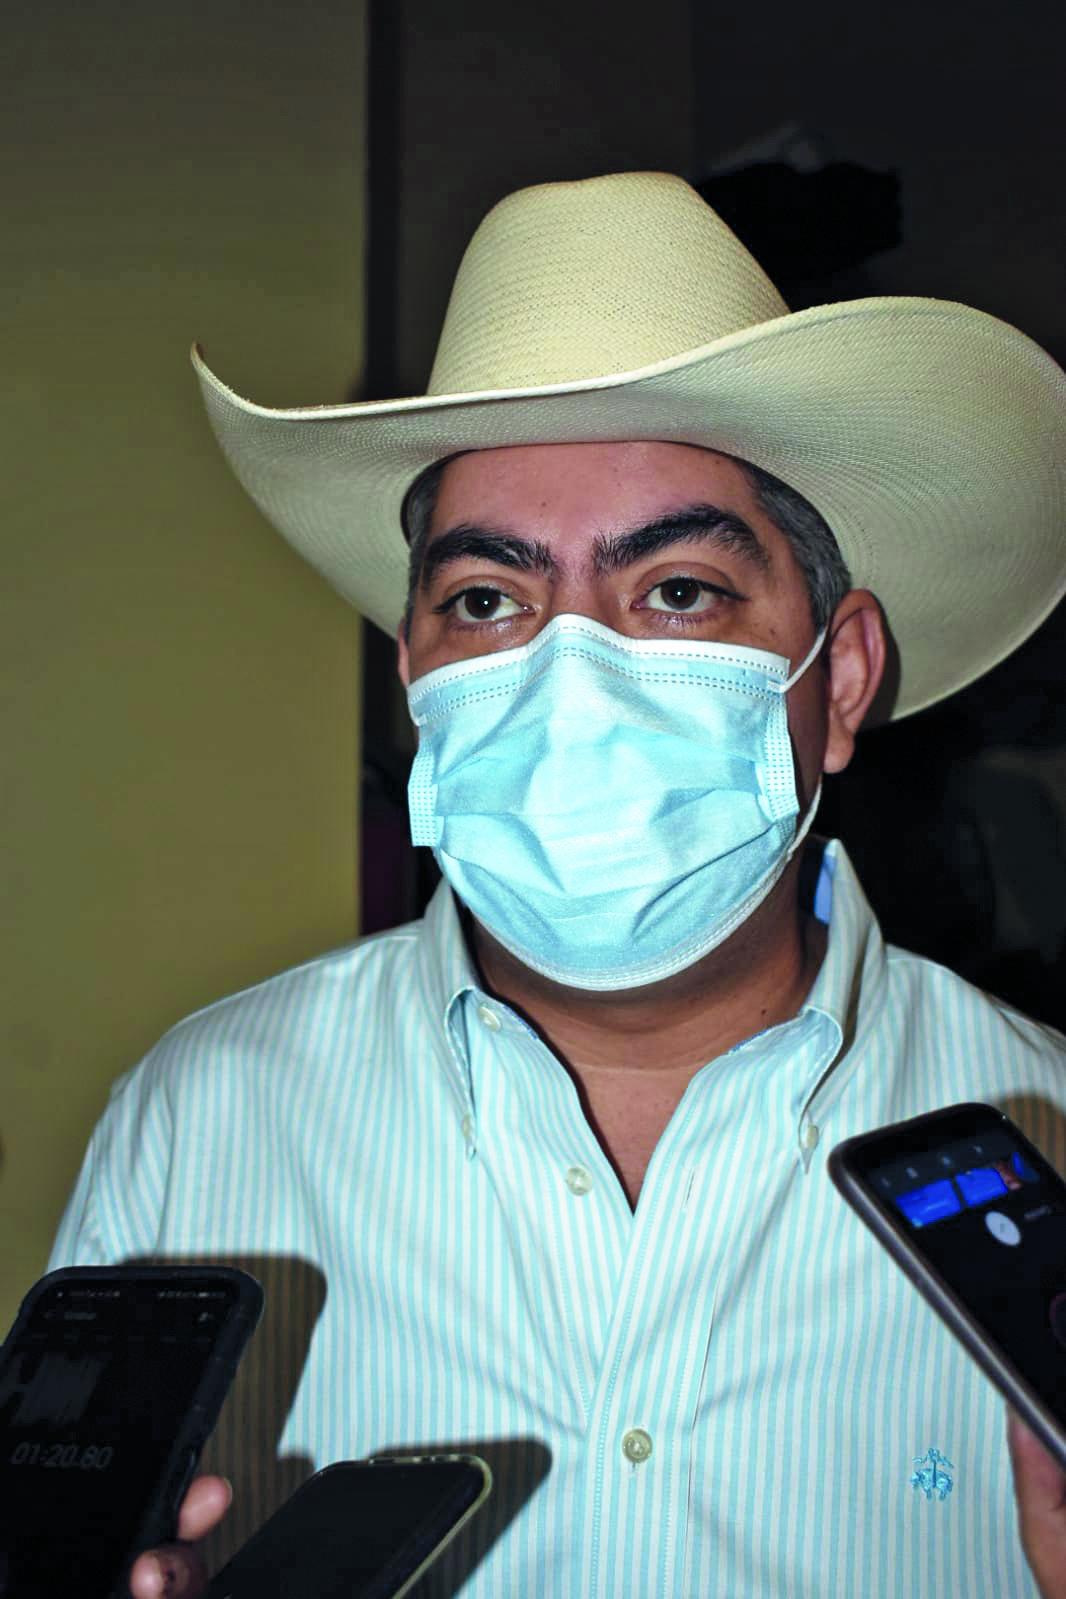 Niños con enfermedades serán prioridad en vacunación antiCOVID-19 en Coahuila